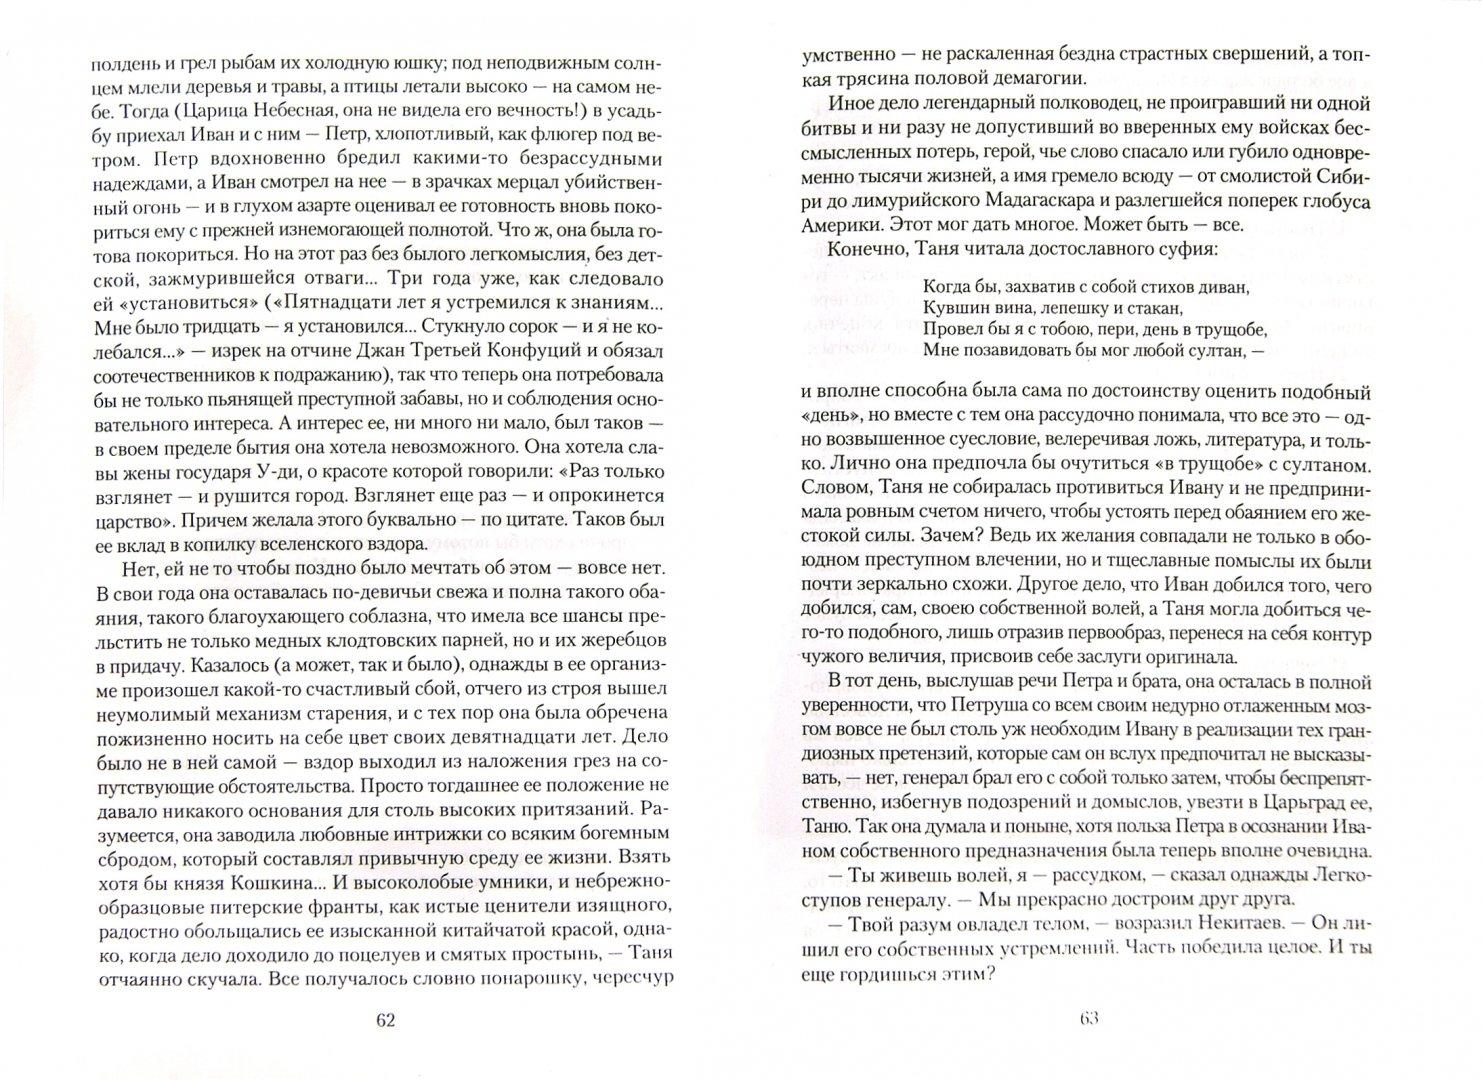 Иллюстрация 1 из 12 для Триада - Павел Крусанов | Лабиринт - книги. Источник: Лабиринт